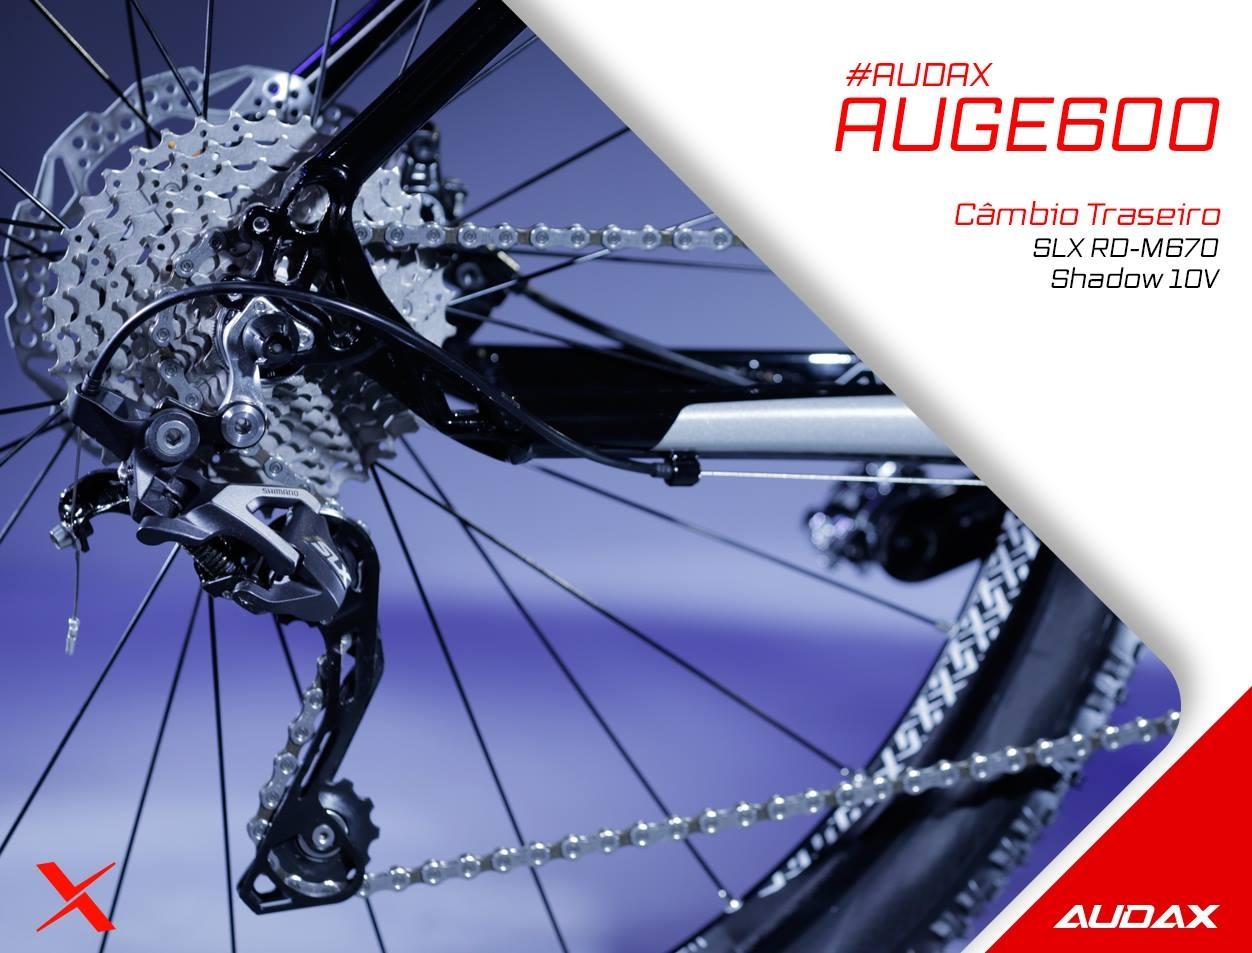 Audax-bicicleta-Auge600